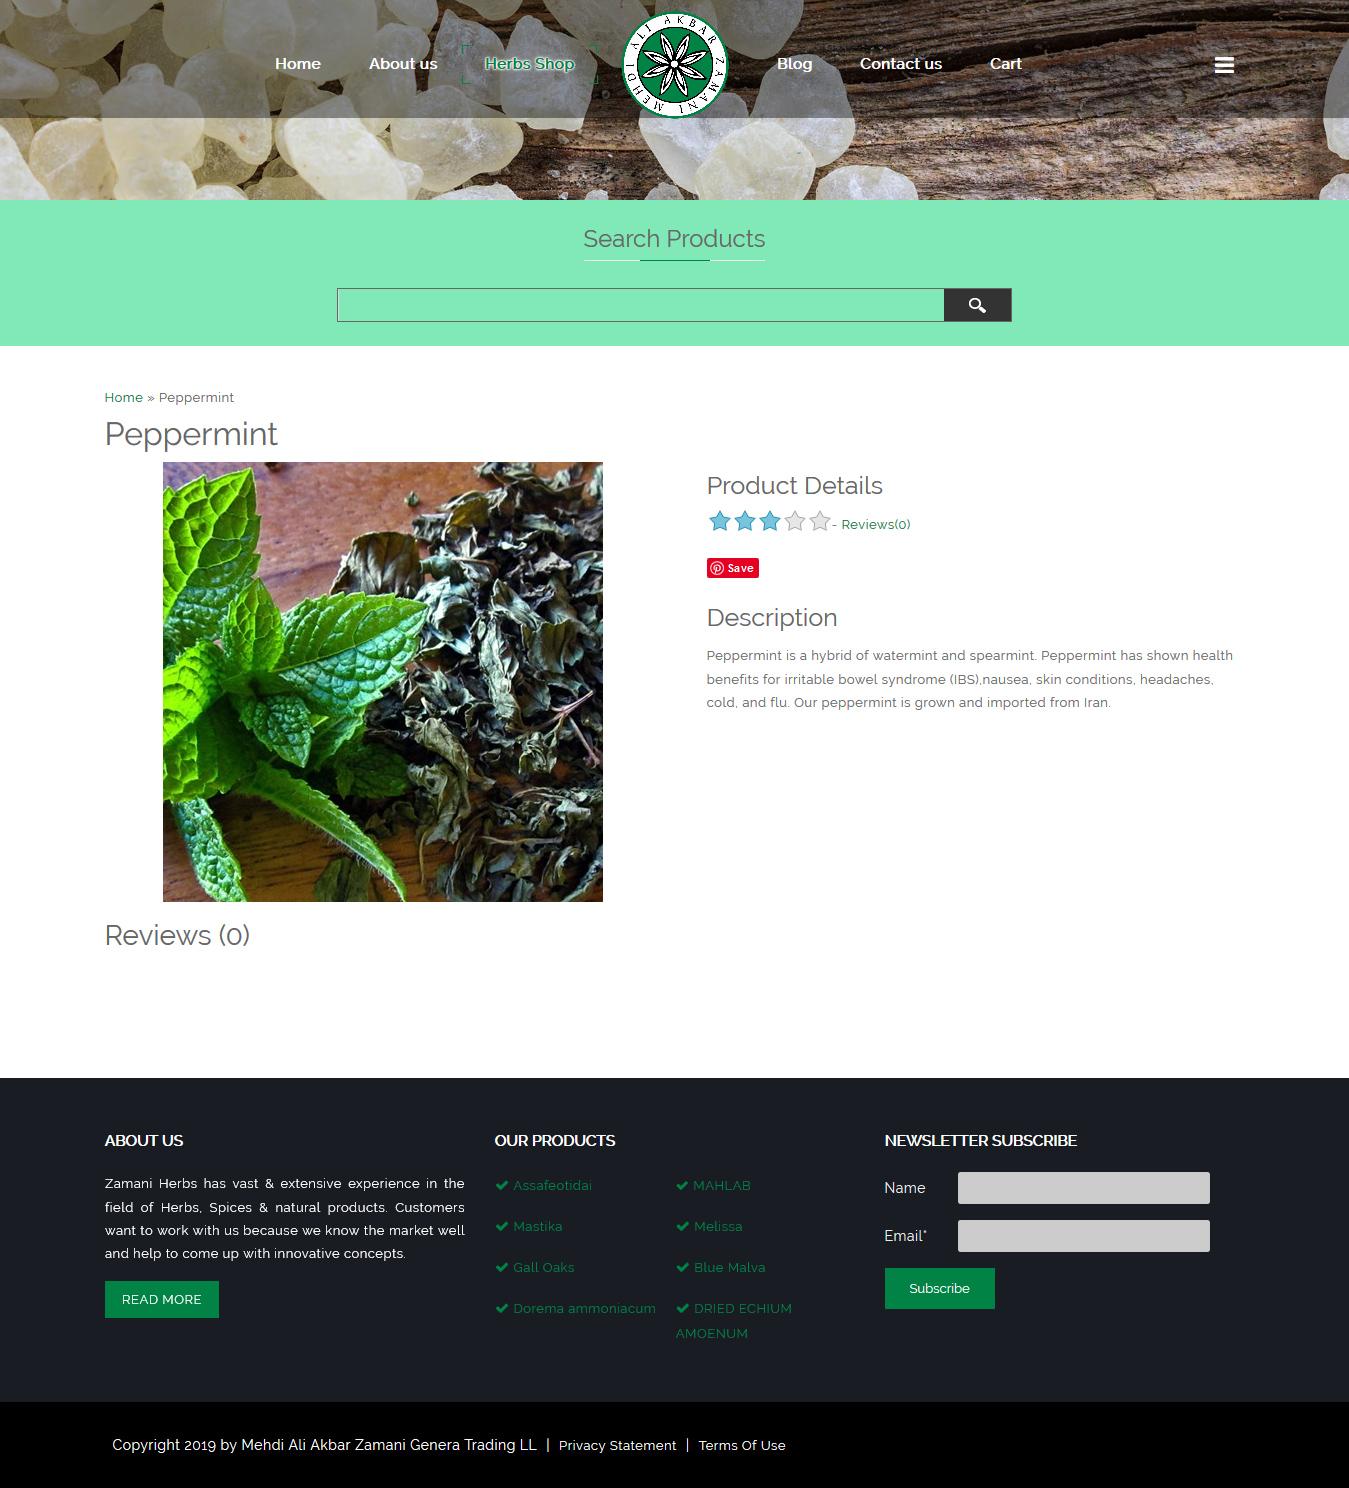 تصویری از صفحه جزٍیات و شرح محصول فروشگاه داروهای گیاهی زمانی دوبی